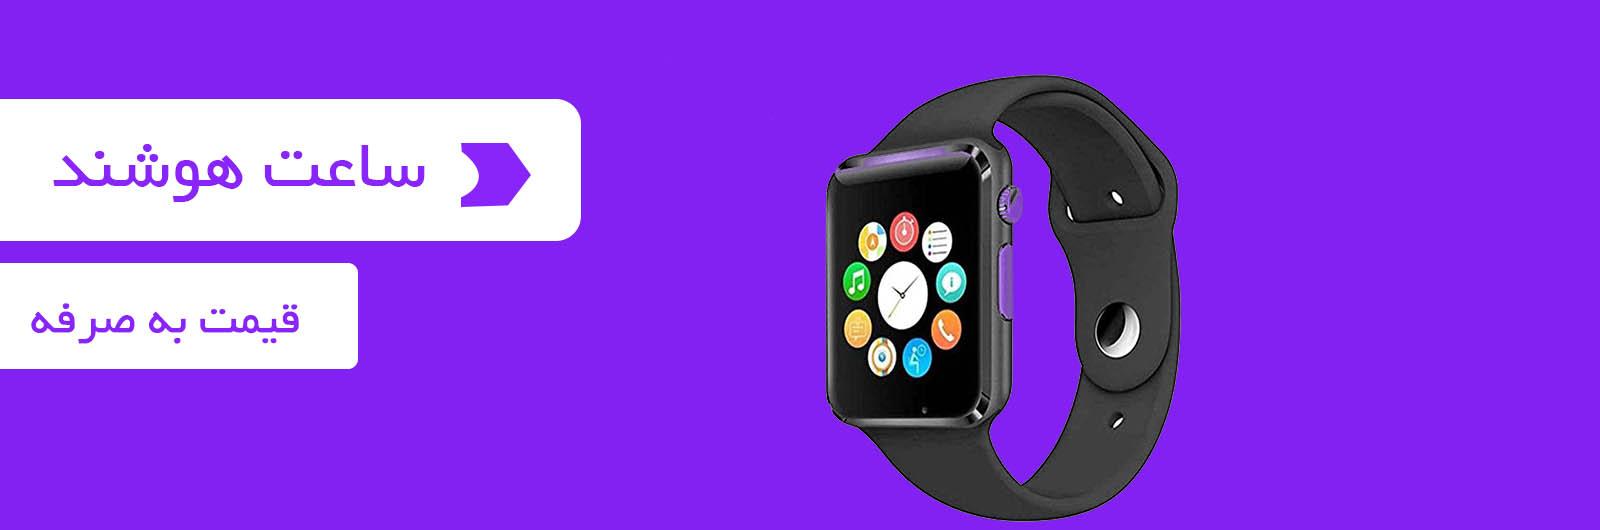 خرید آنلاین ساعت هوشمند